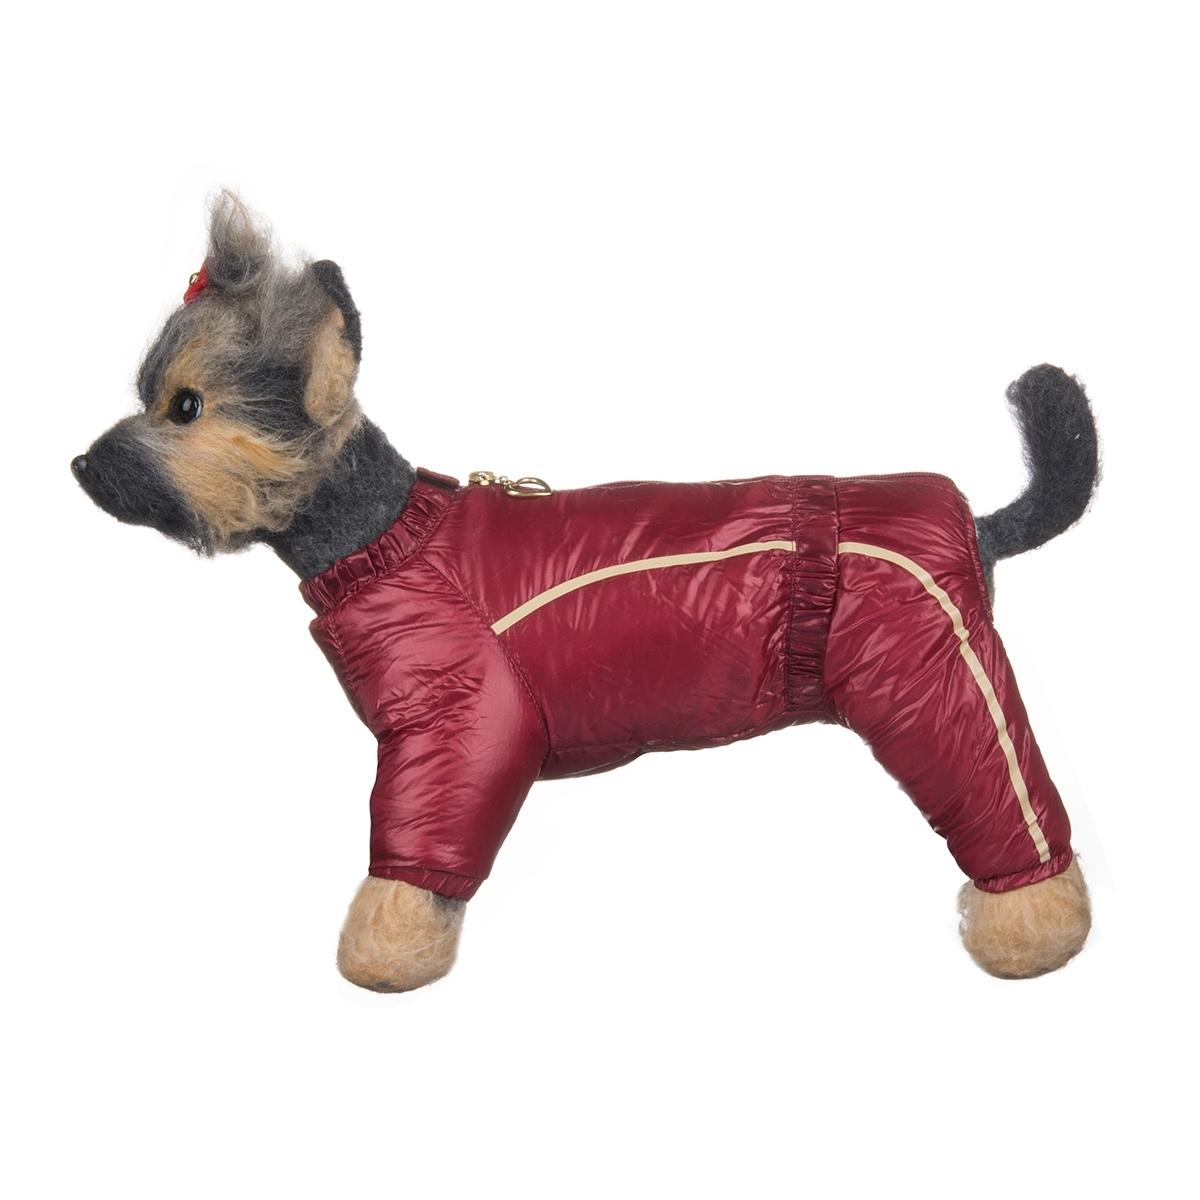 Комбинезон для собак Dogmoda Альпы, зимний, для девочки, цвет: бордовый, серый. Размер 4 (XL)0120710Зимний комбинезон для собак Dogmoda Альпы отлично подойдет для прогулок в зимнее время года.Комбинезон изготовлен из полиэстера, защищающего от ветра и снега, с утеплителем из синтепона, который сохранит тепло даже в сильные морозы, а на подкладке используется искусственный мех, который обеспечивает отличный воздухообмен. Комбинезон застегивается на молнию и липучку, благодаря чему его легко надевать и снимать. Ворот, низ рукавов и брючин оснащены внутренними резинками, которые мягко обхватывают шею и лапки, не позволяя просачиваться холодному воздуху. На пояснице имеется внутренняя резинка. Изделие декорировано бежевыми полосками и надписью DM.Благодаря такому комбинезону простуда не грозит вашему питомцу и он сможет испытать не сравнимое удовольствие от снежных игр и забав.